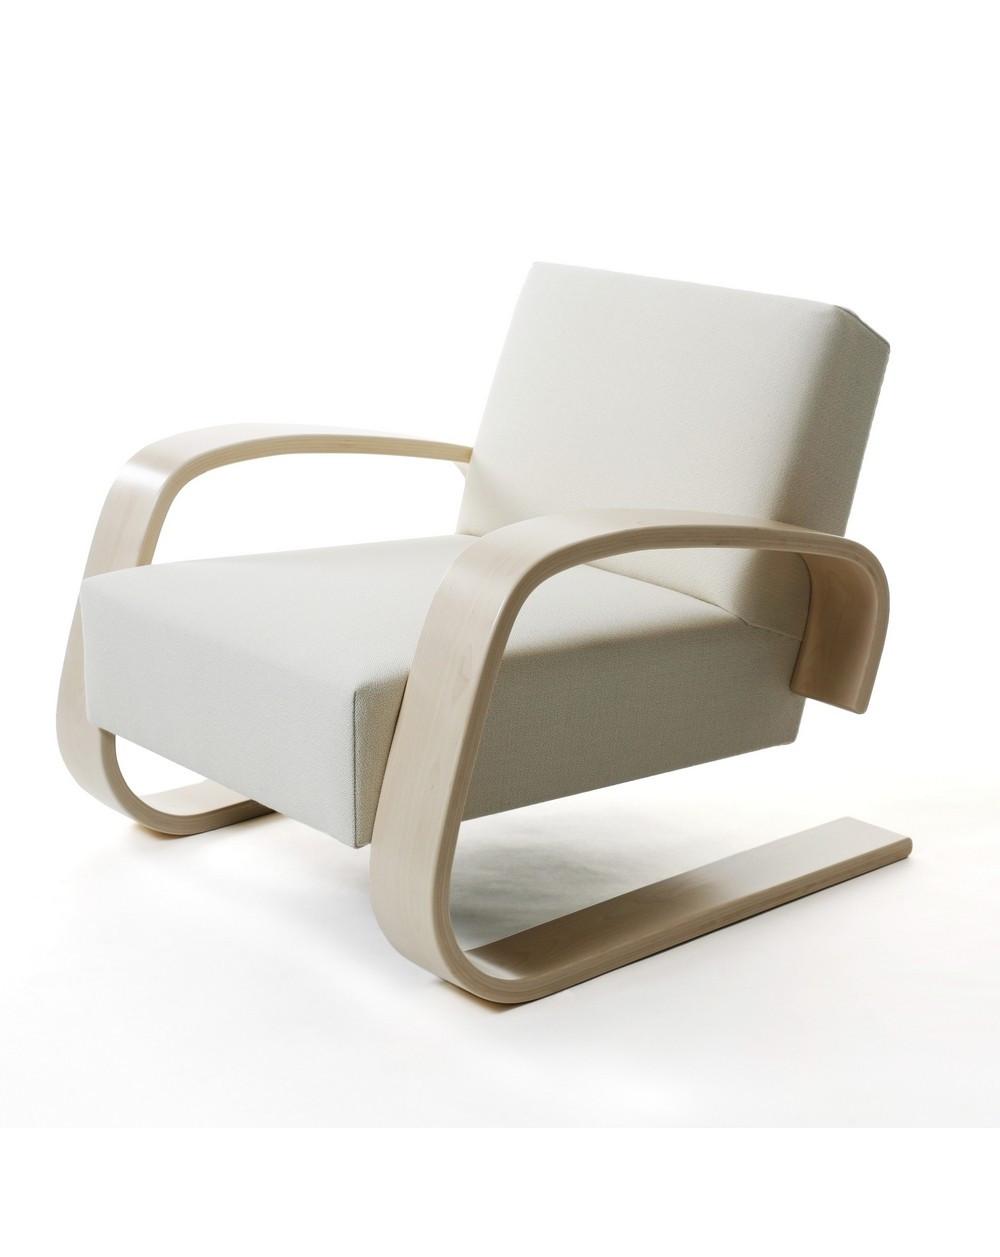 Fauteuil 400 Designer Alvar Aalto pour Artek